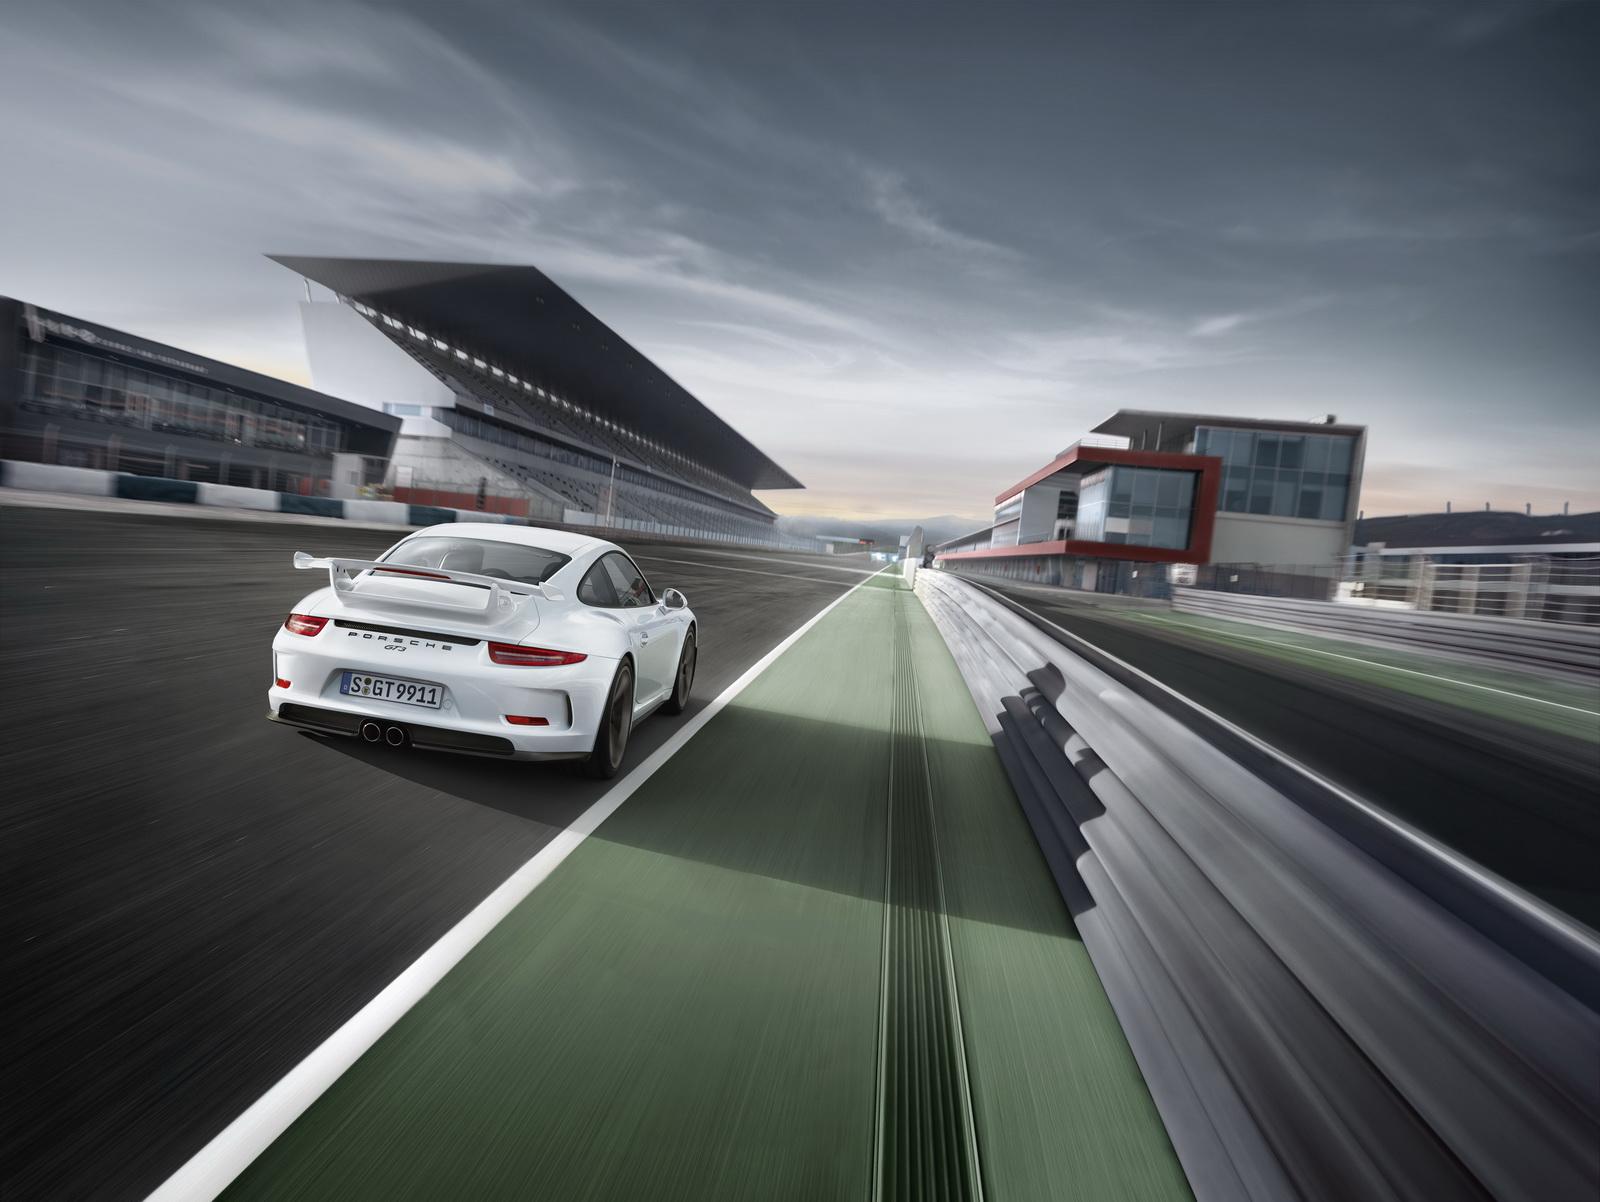 Porsche 911 GT3 tiếp theo sẽ sử dụng số sàn & hút khí tự nhiên